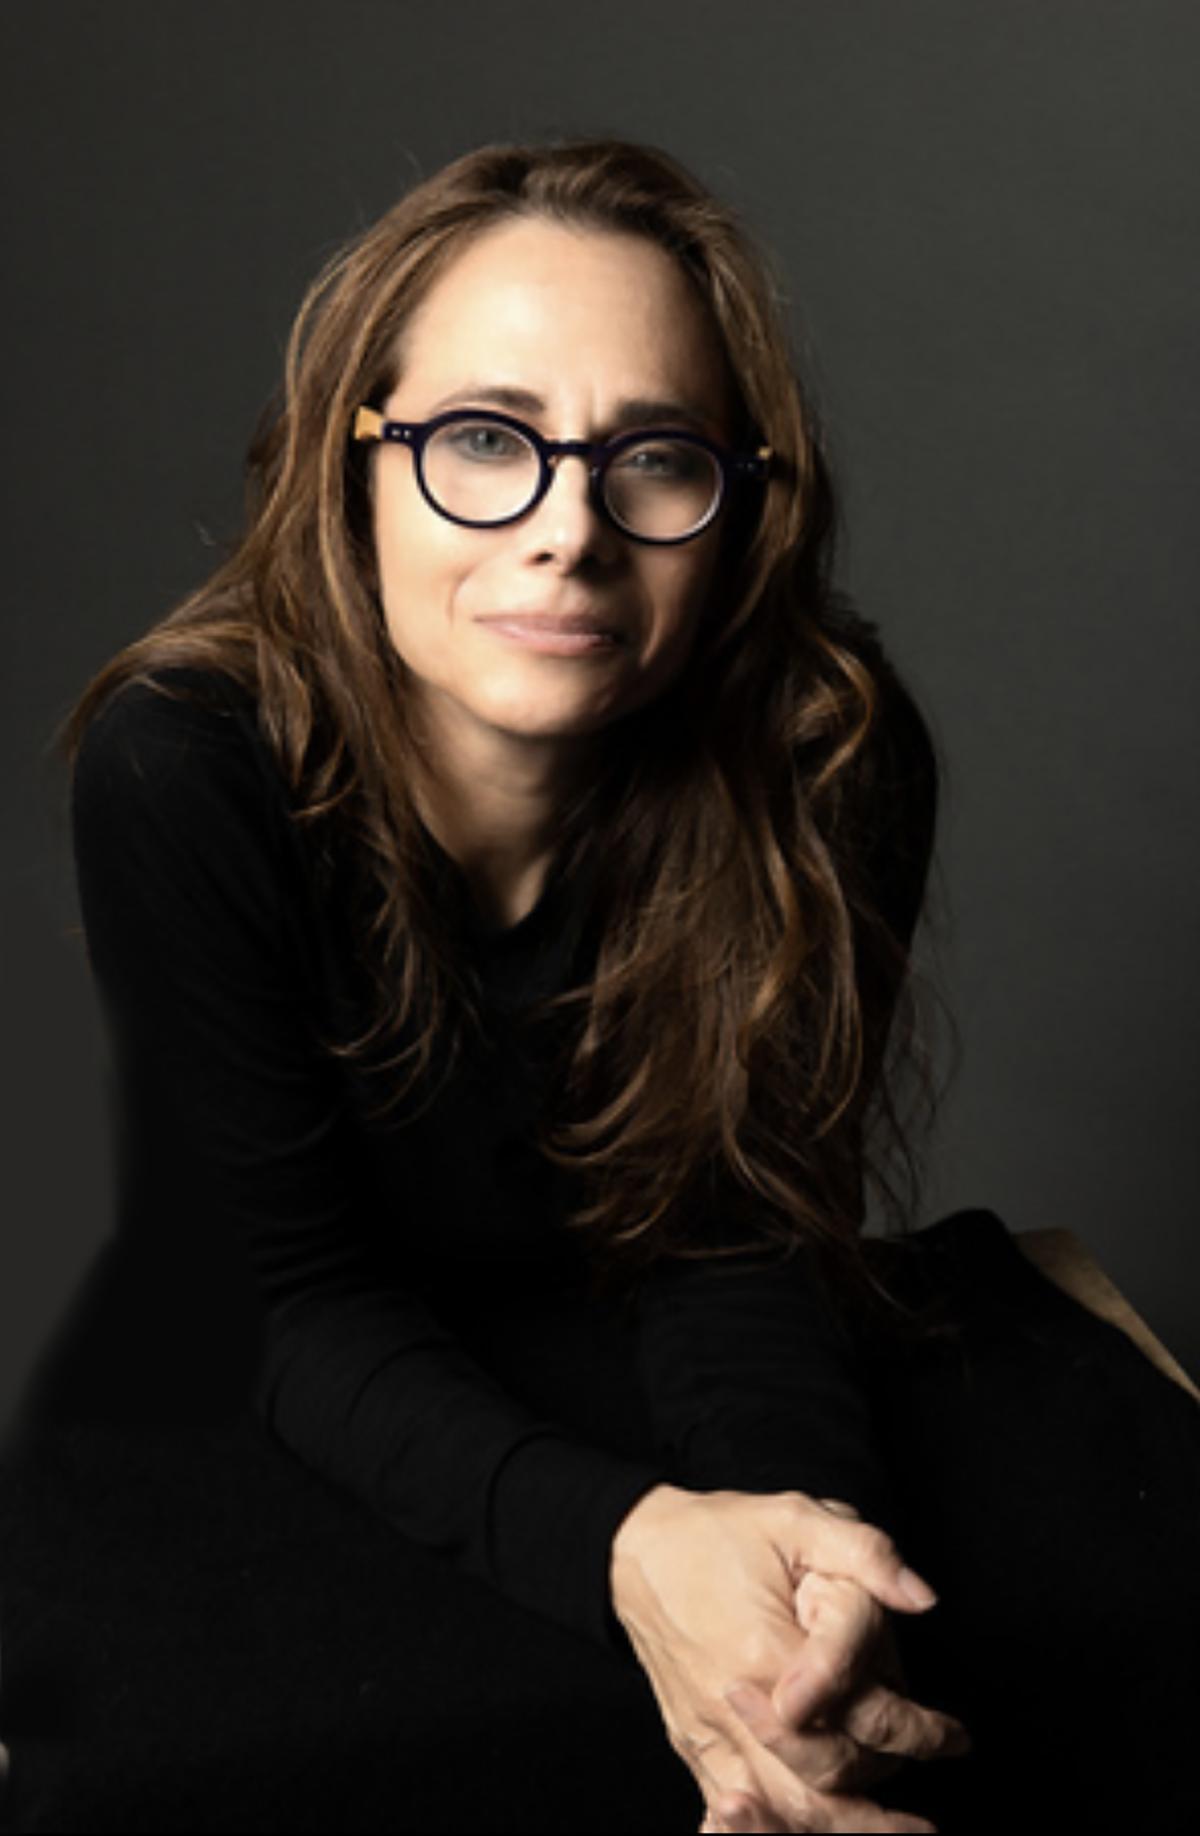 Jessica Helfand